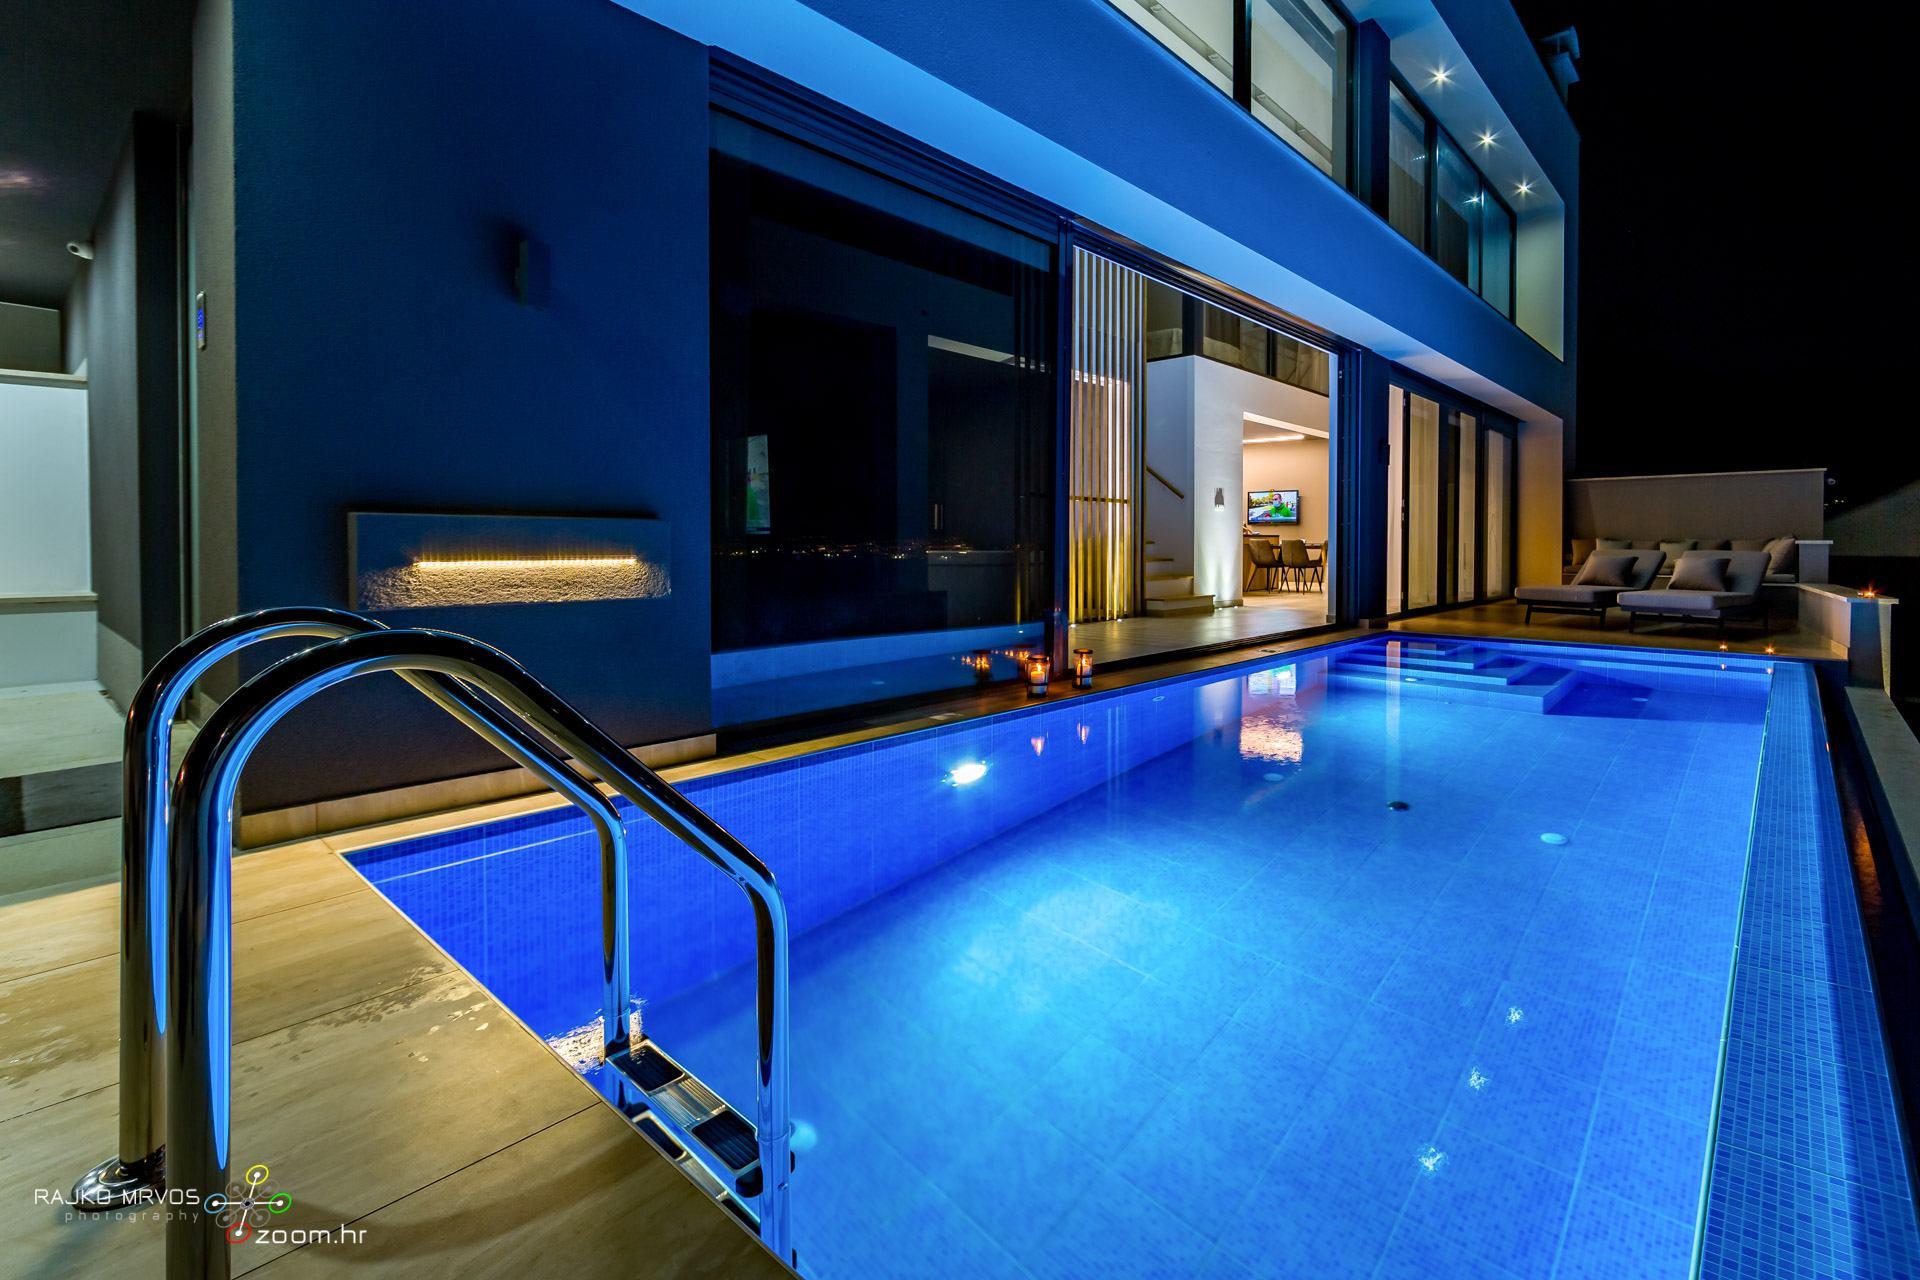 profesionalno-fotografiranje-vila-kuca-fotograf-villa-Sky-Pool-Villa-Medveja-21